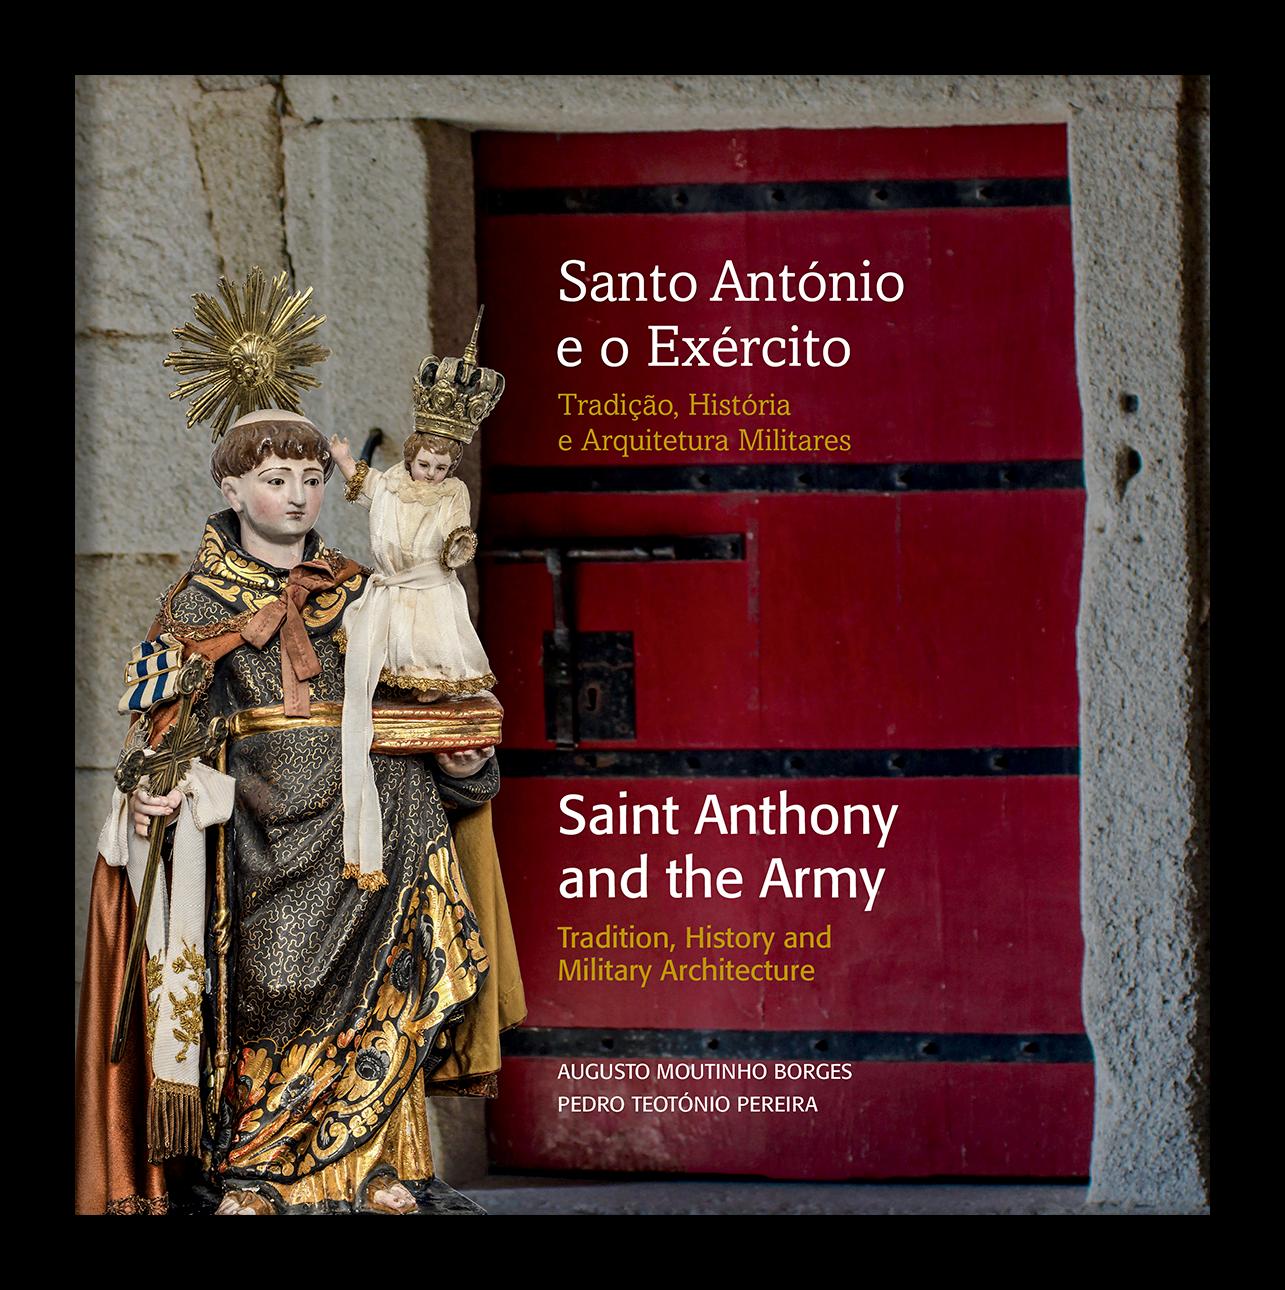 Santo António e o Exército